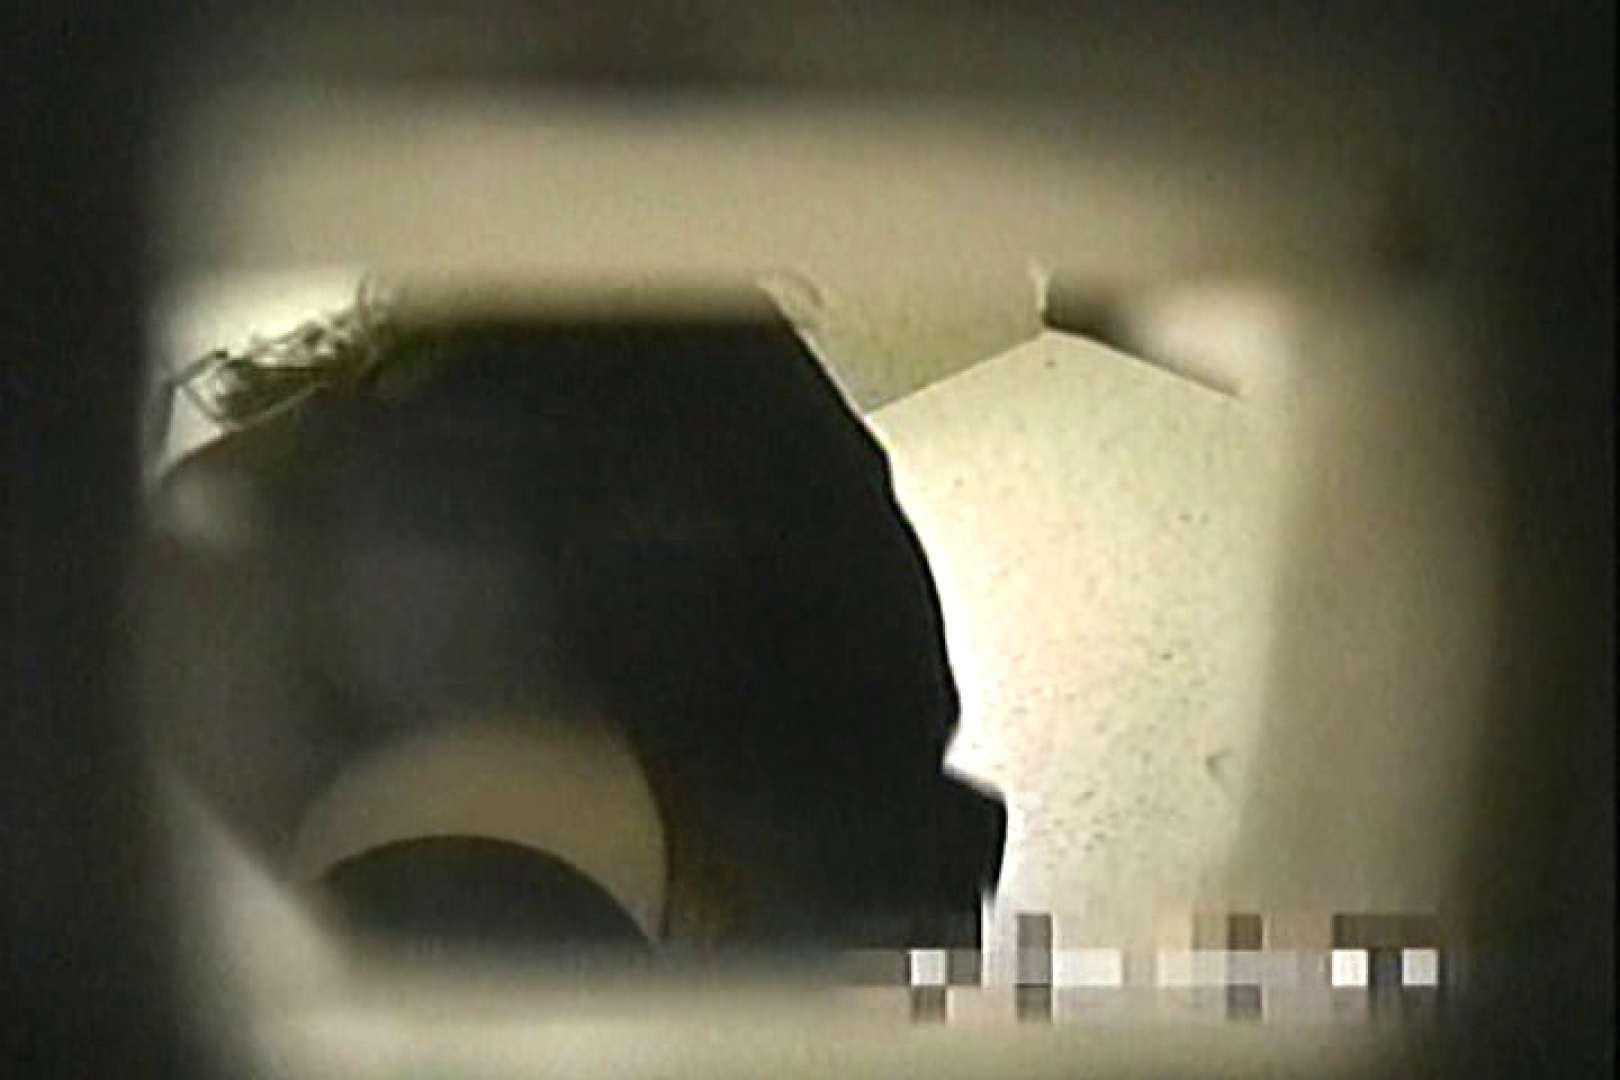 女子洗面所盗撮 今度の2カメは若い子だらけ  TK-127 盗撮 | 洗面所  73PIX 11